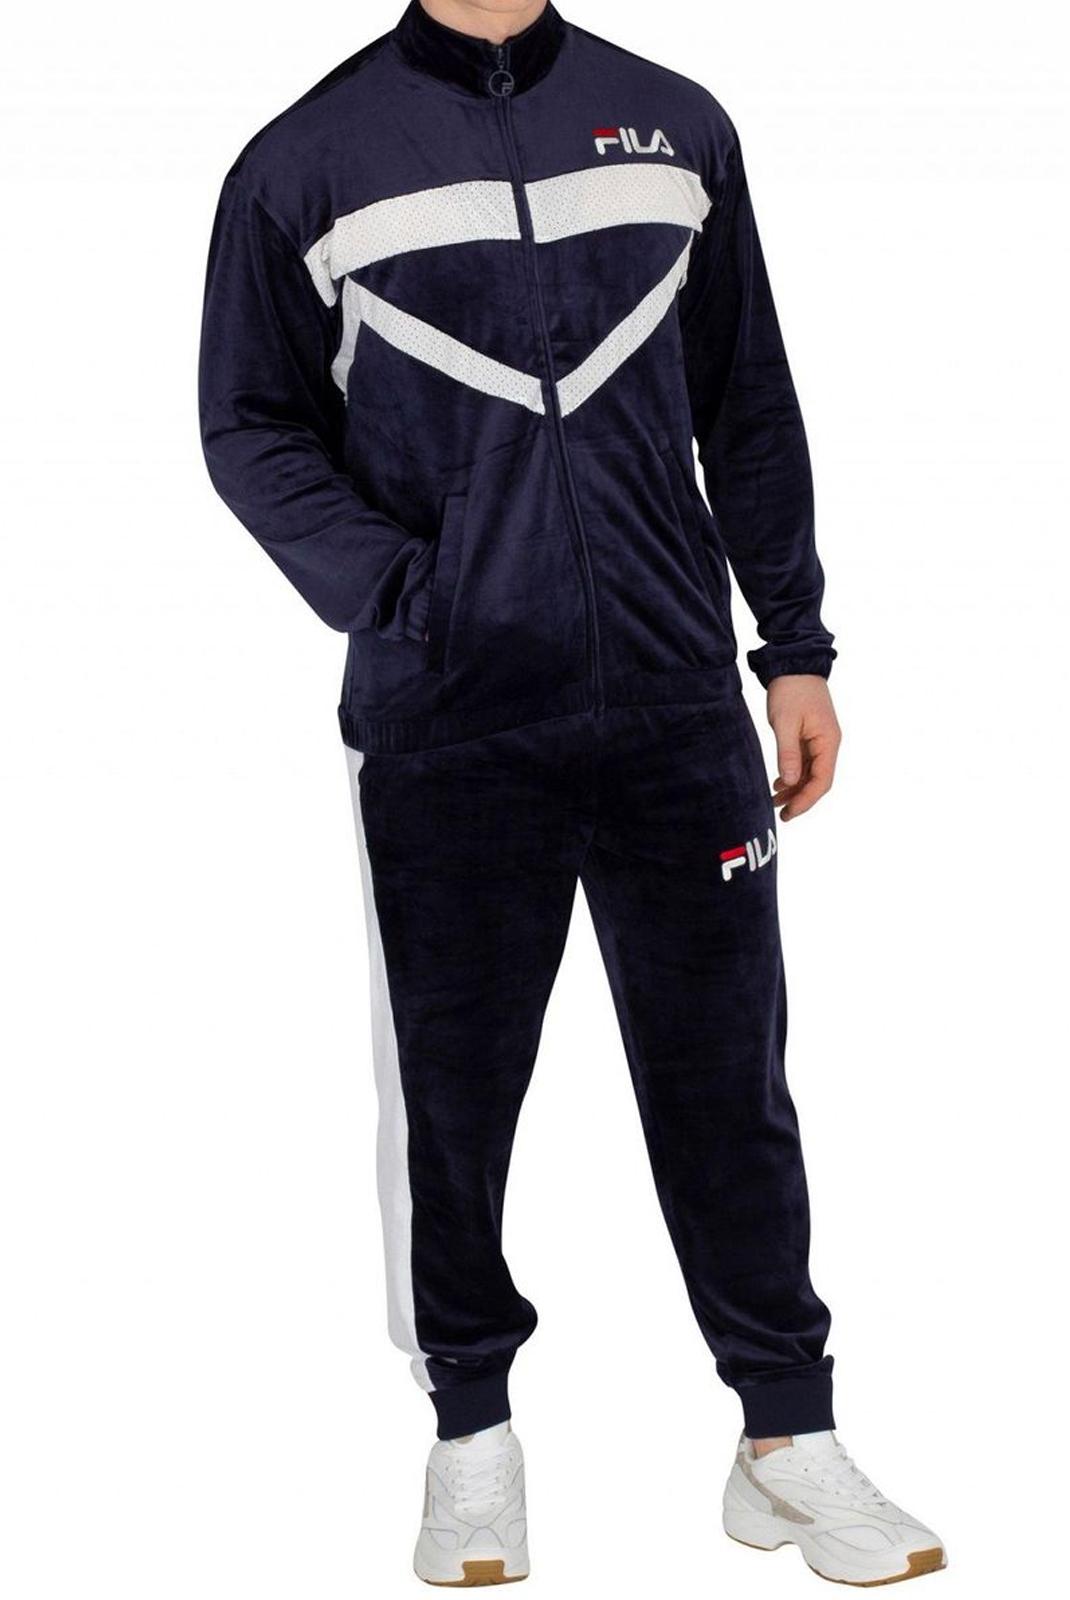 Pantalons sport/streetwear  Fila 684468 gunner 3 peacoat